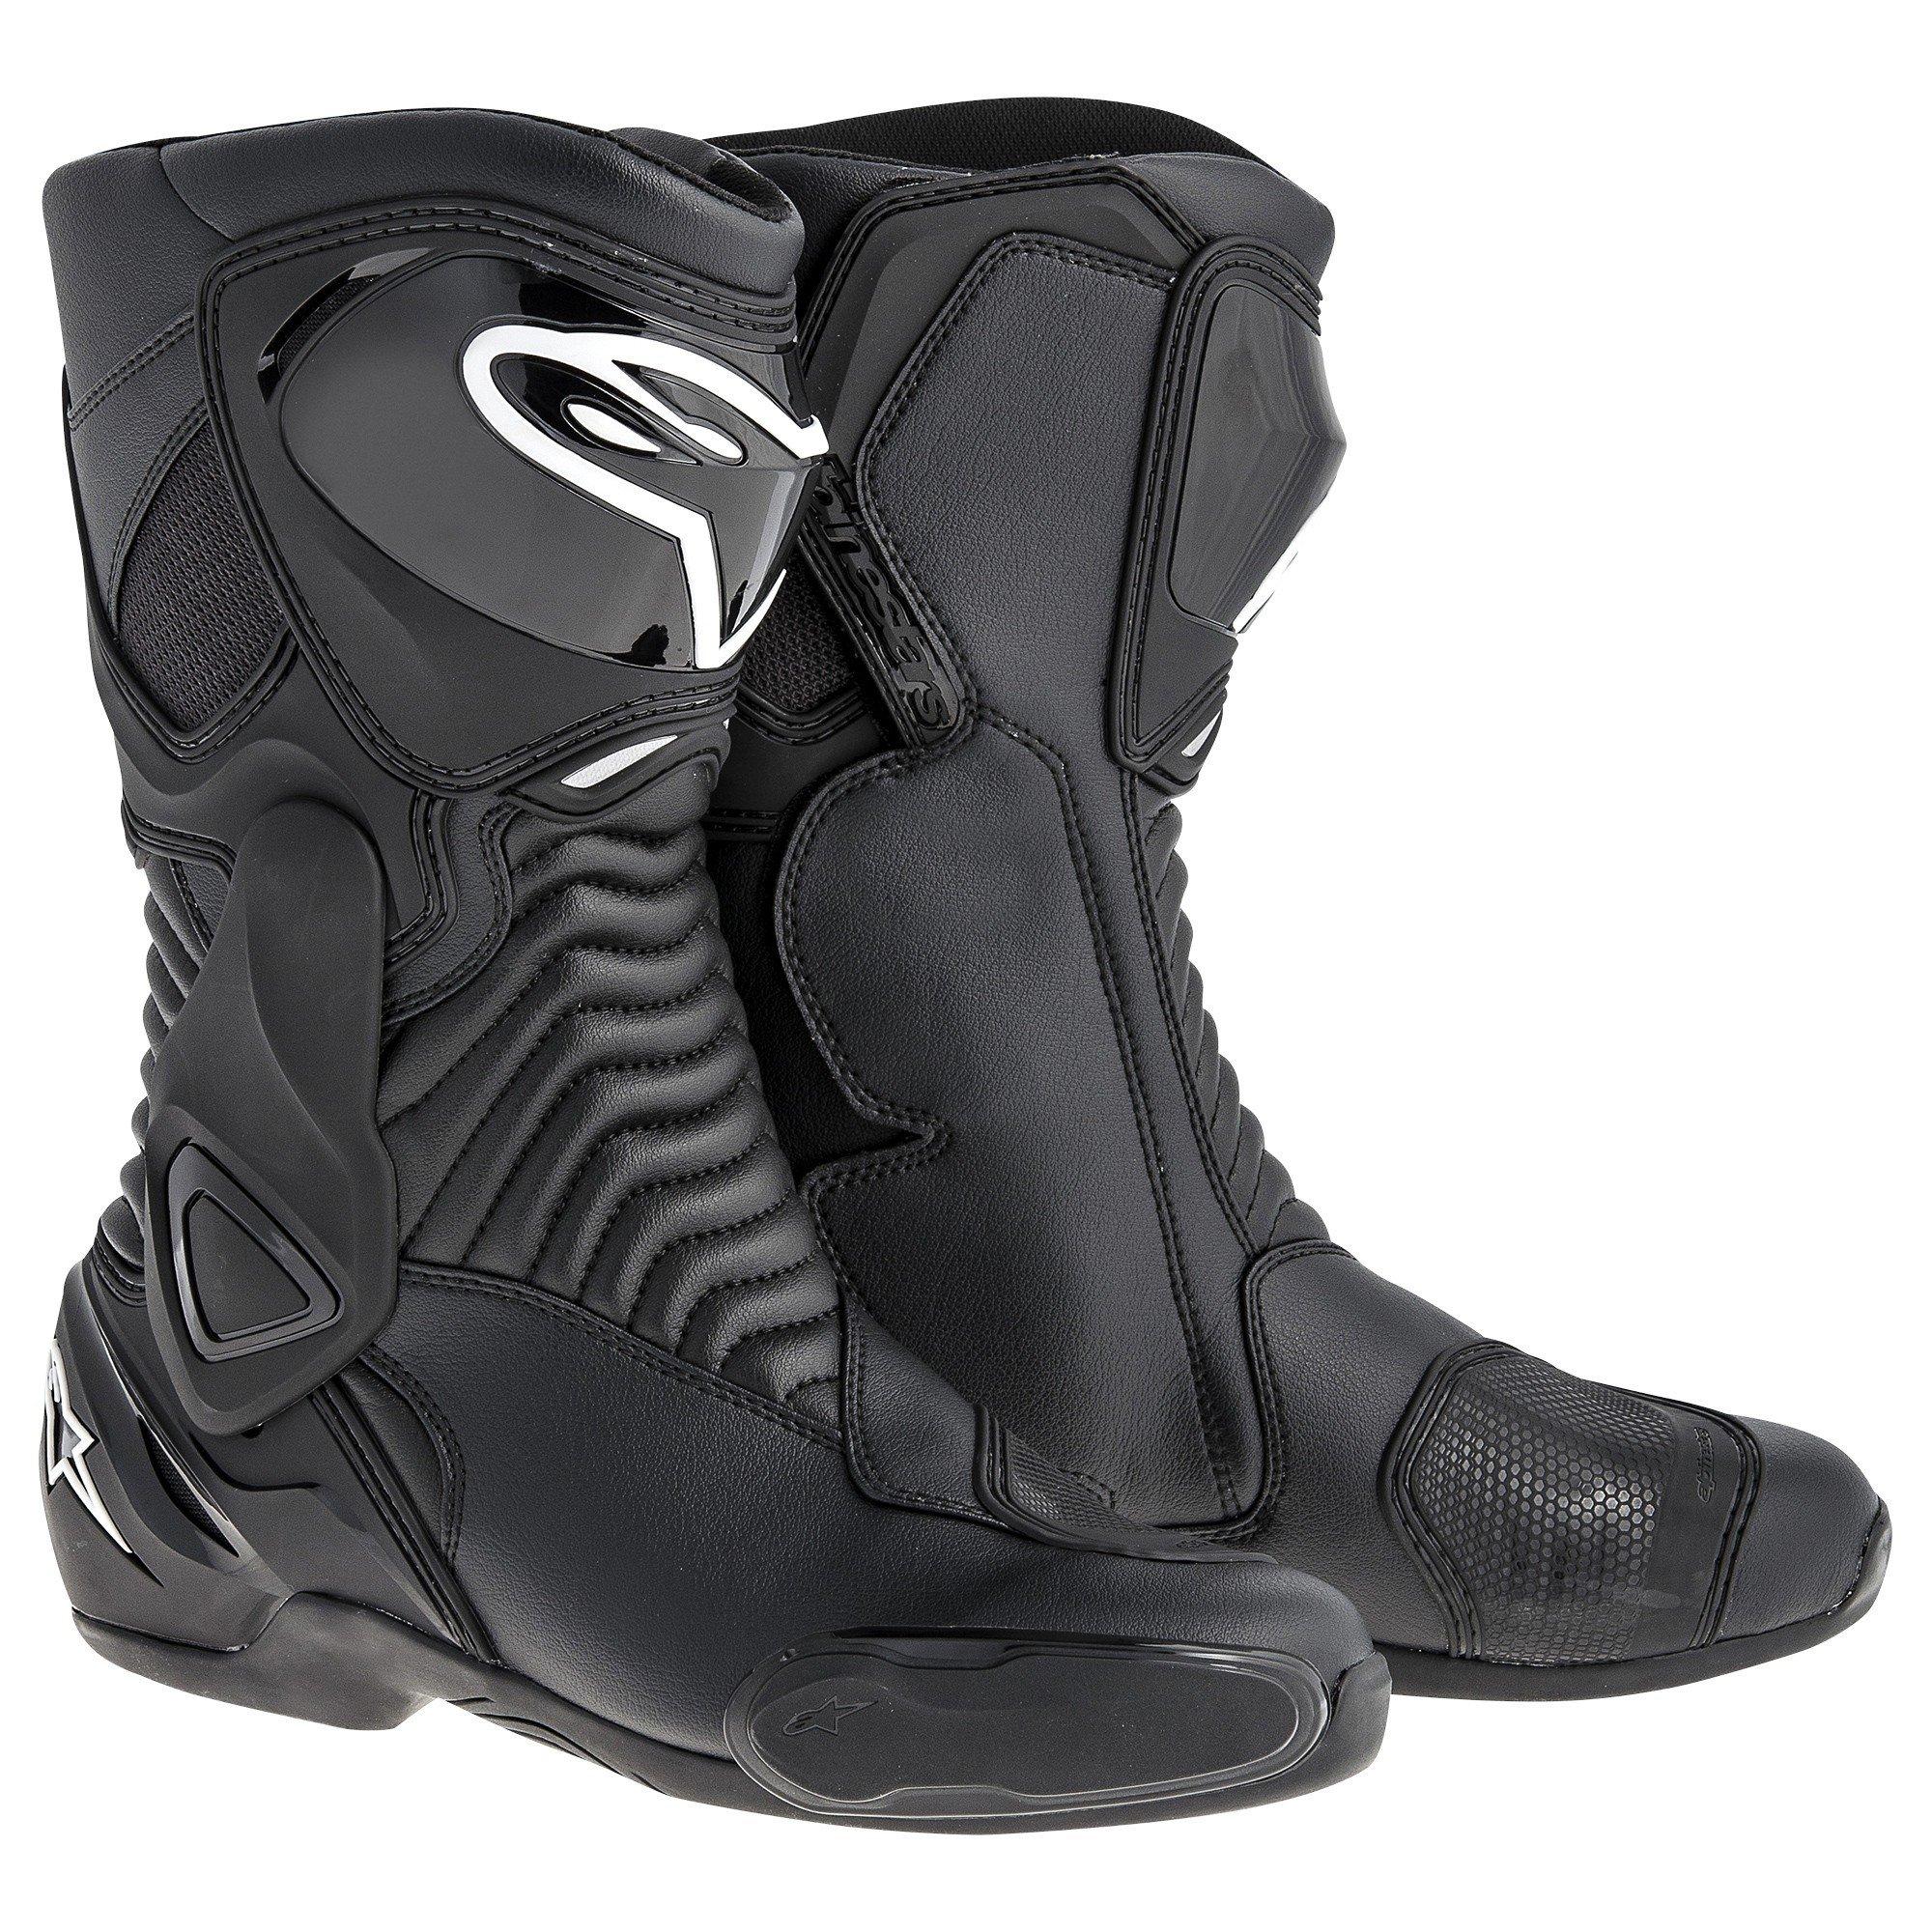 Sportovní motocyklové boty S-MX 6 (černé) 45